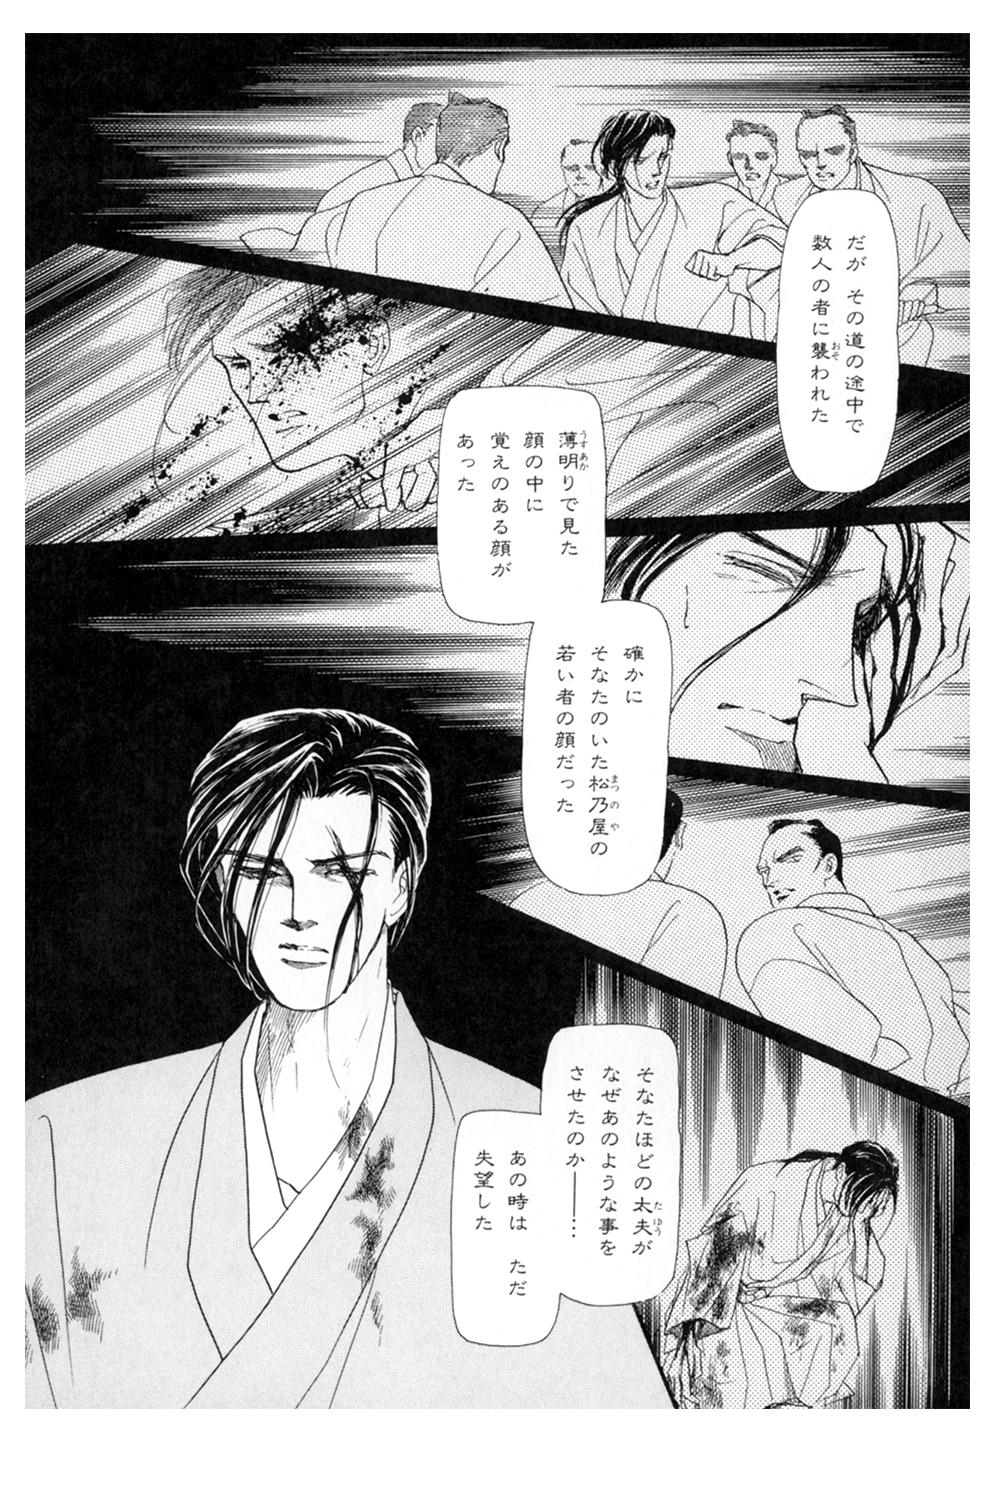 雨柳堂夢咄 第5話「花に暮れる」2uryudo-02-130.jpg